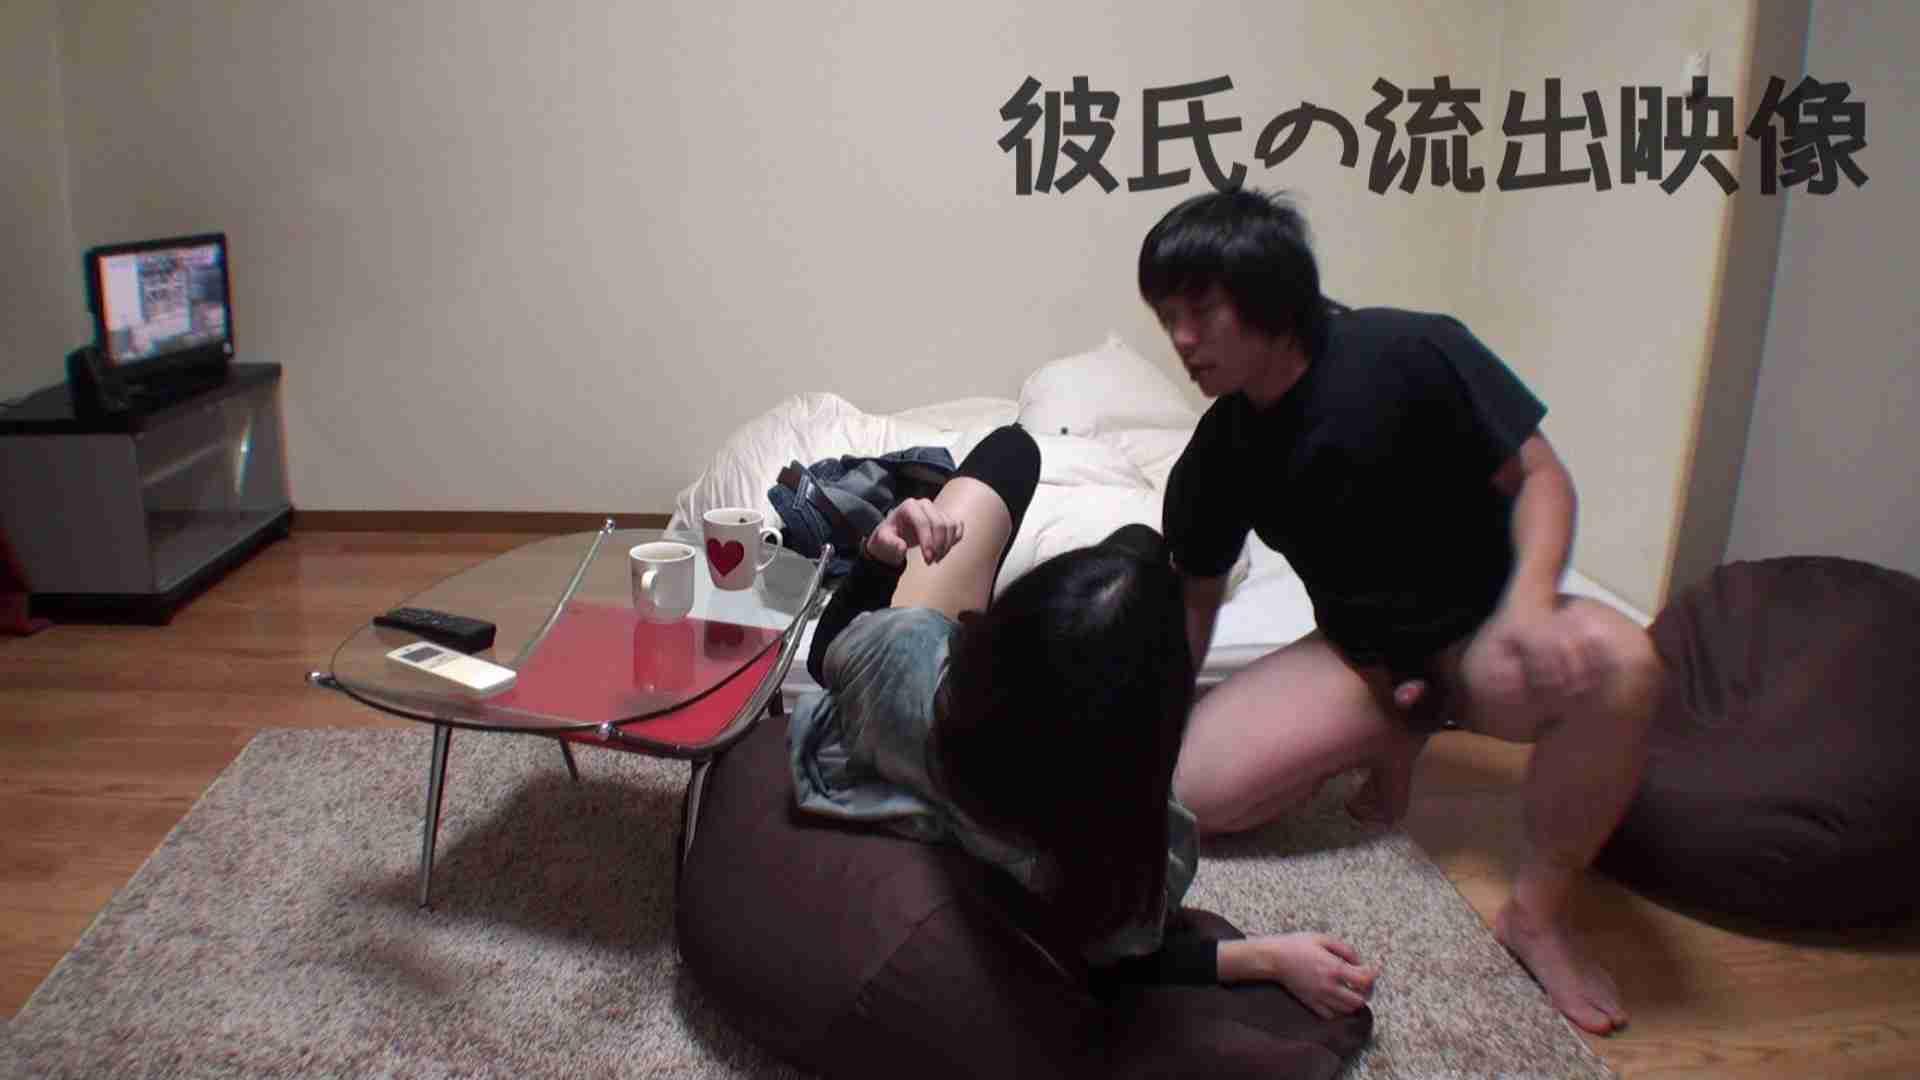 彼氏が流出 パイパン素人嬢のハメ撮り映像02 SEX映像 ヌード画像 46pic 32